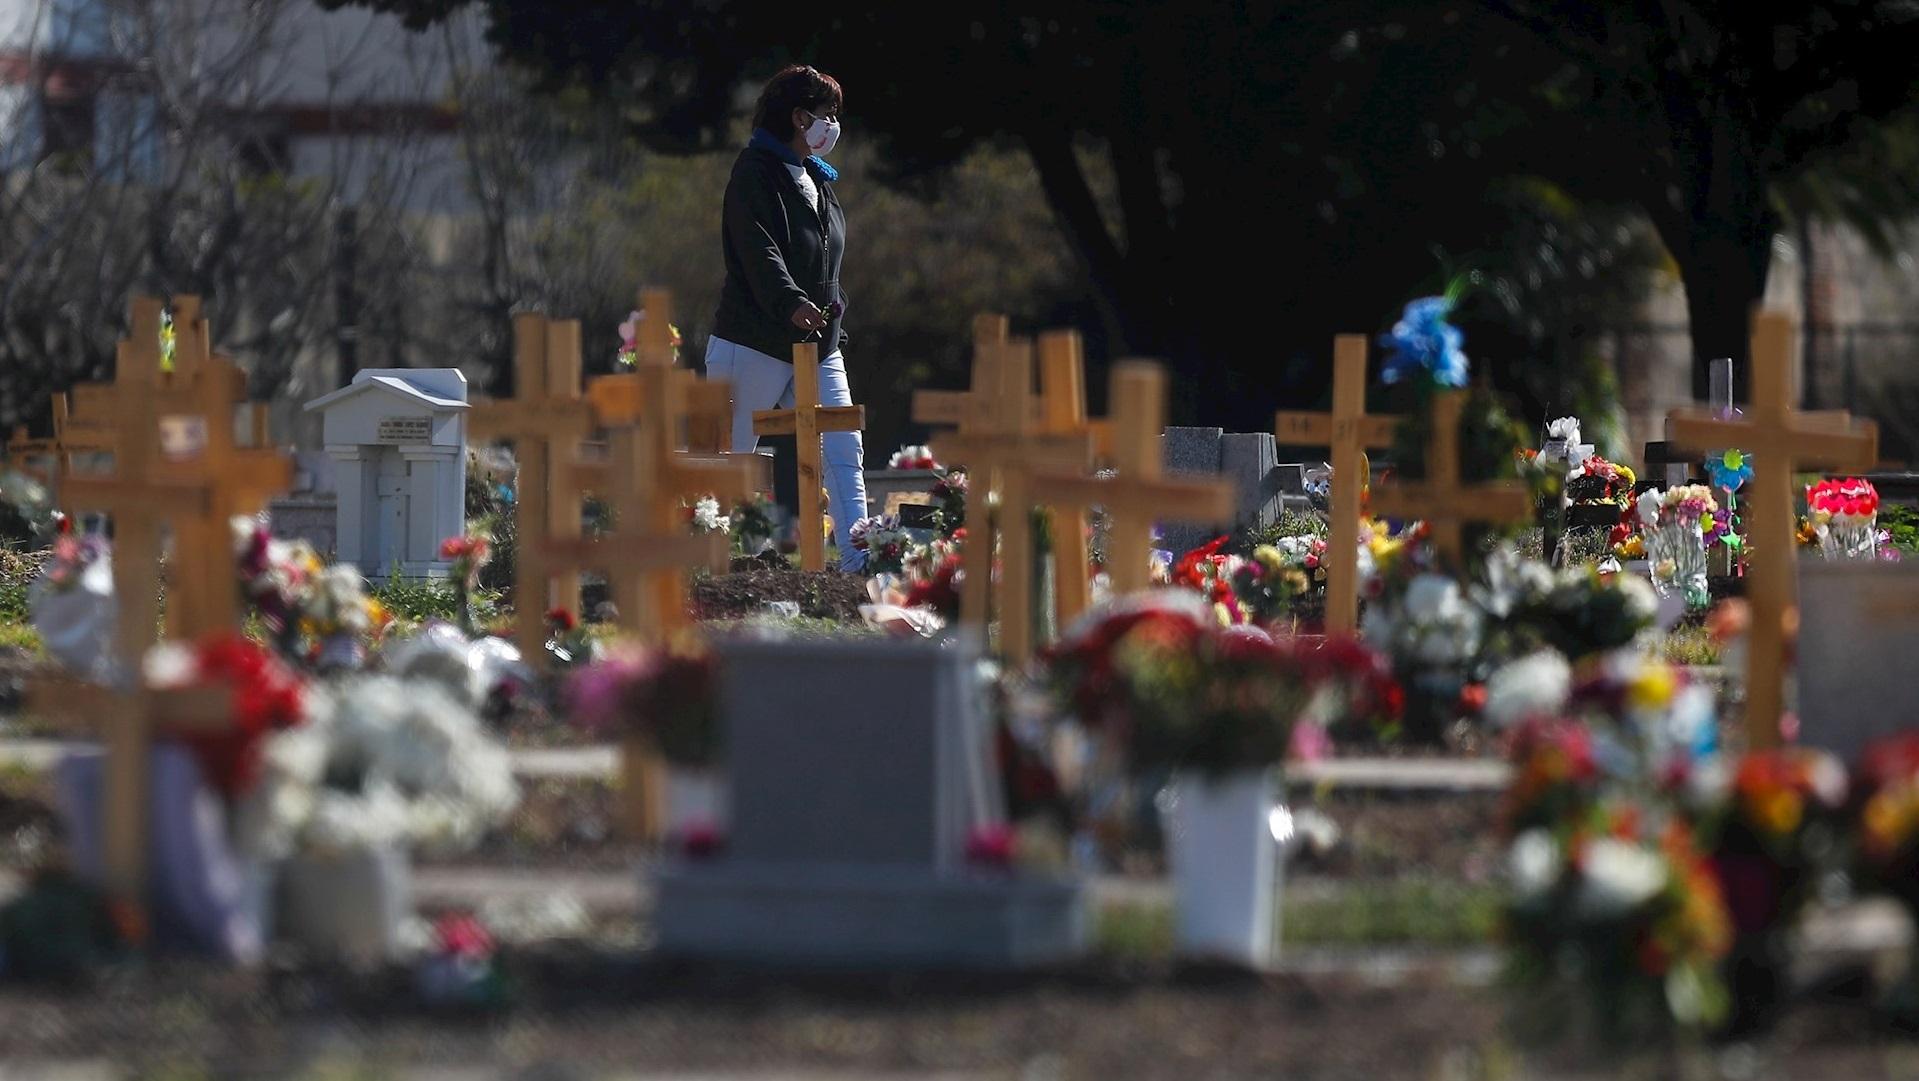 Una mujer camina frente a unas cruces en un cementerio de Buenos Aires, Argentina. Foto de EFE/Juan Ignacio Roncoroni.